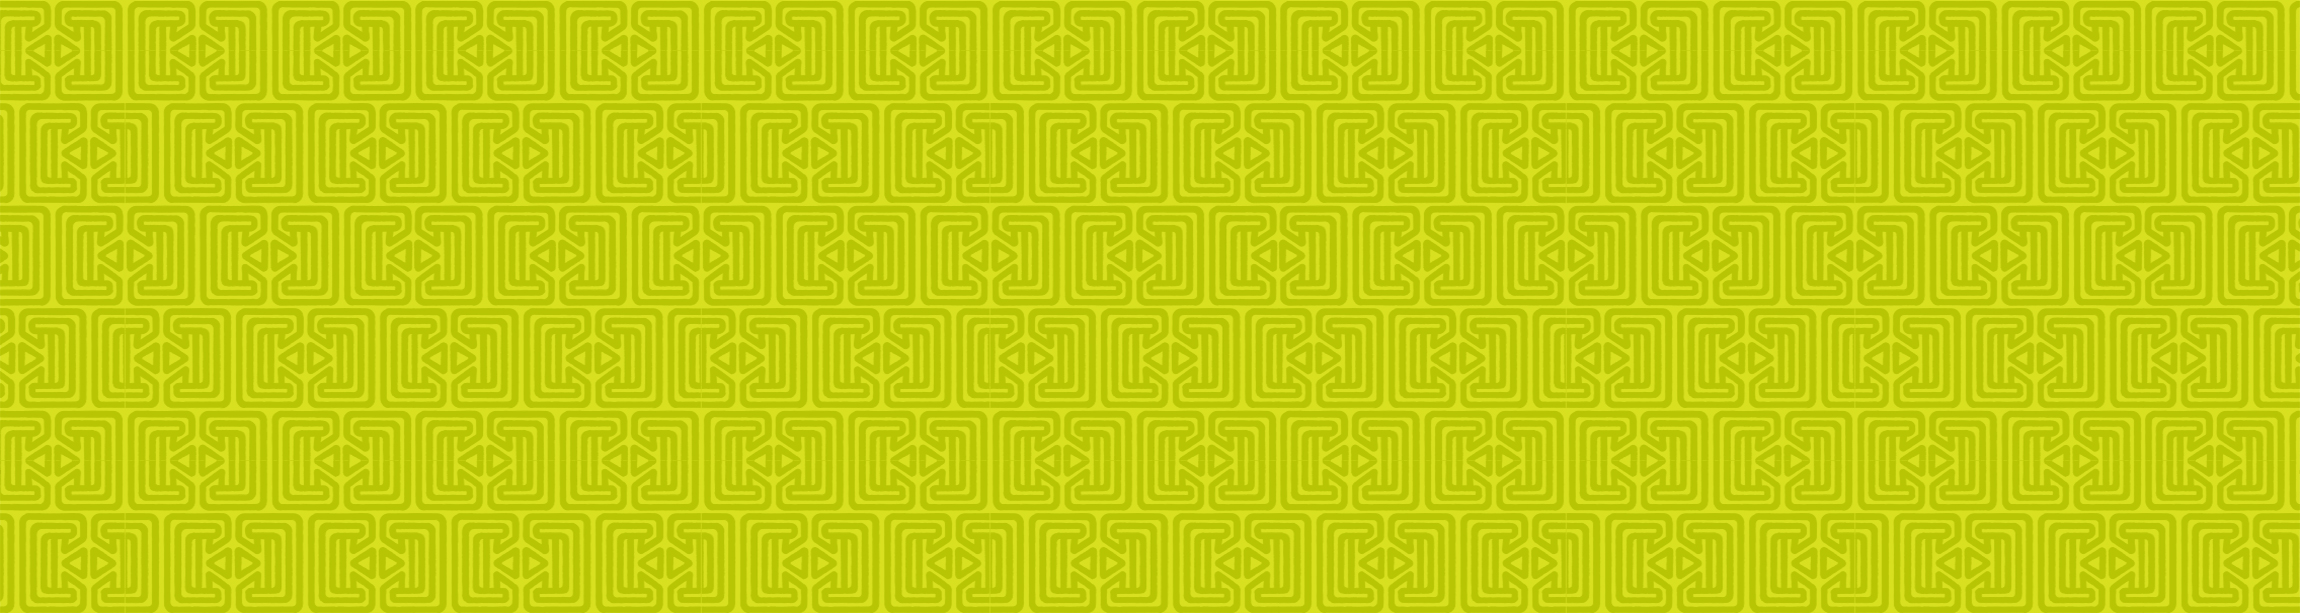 behance_06.jpg